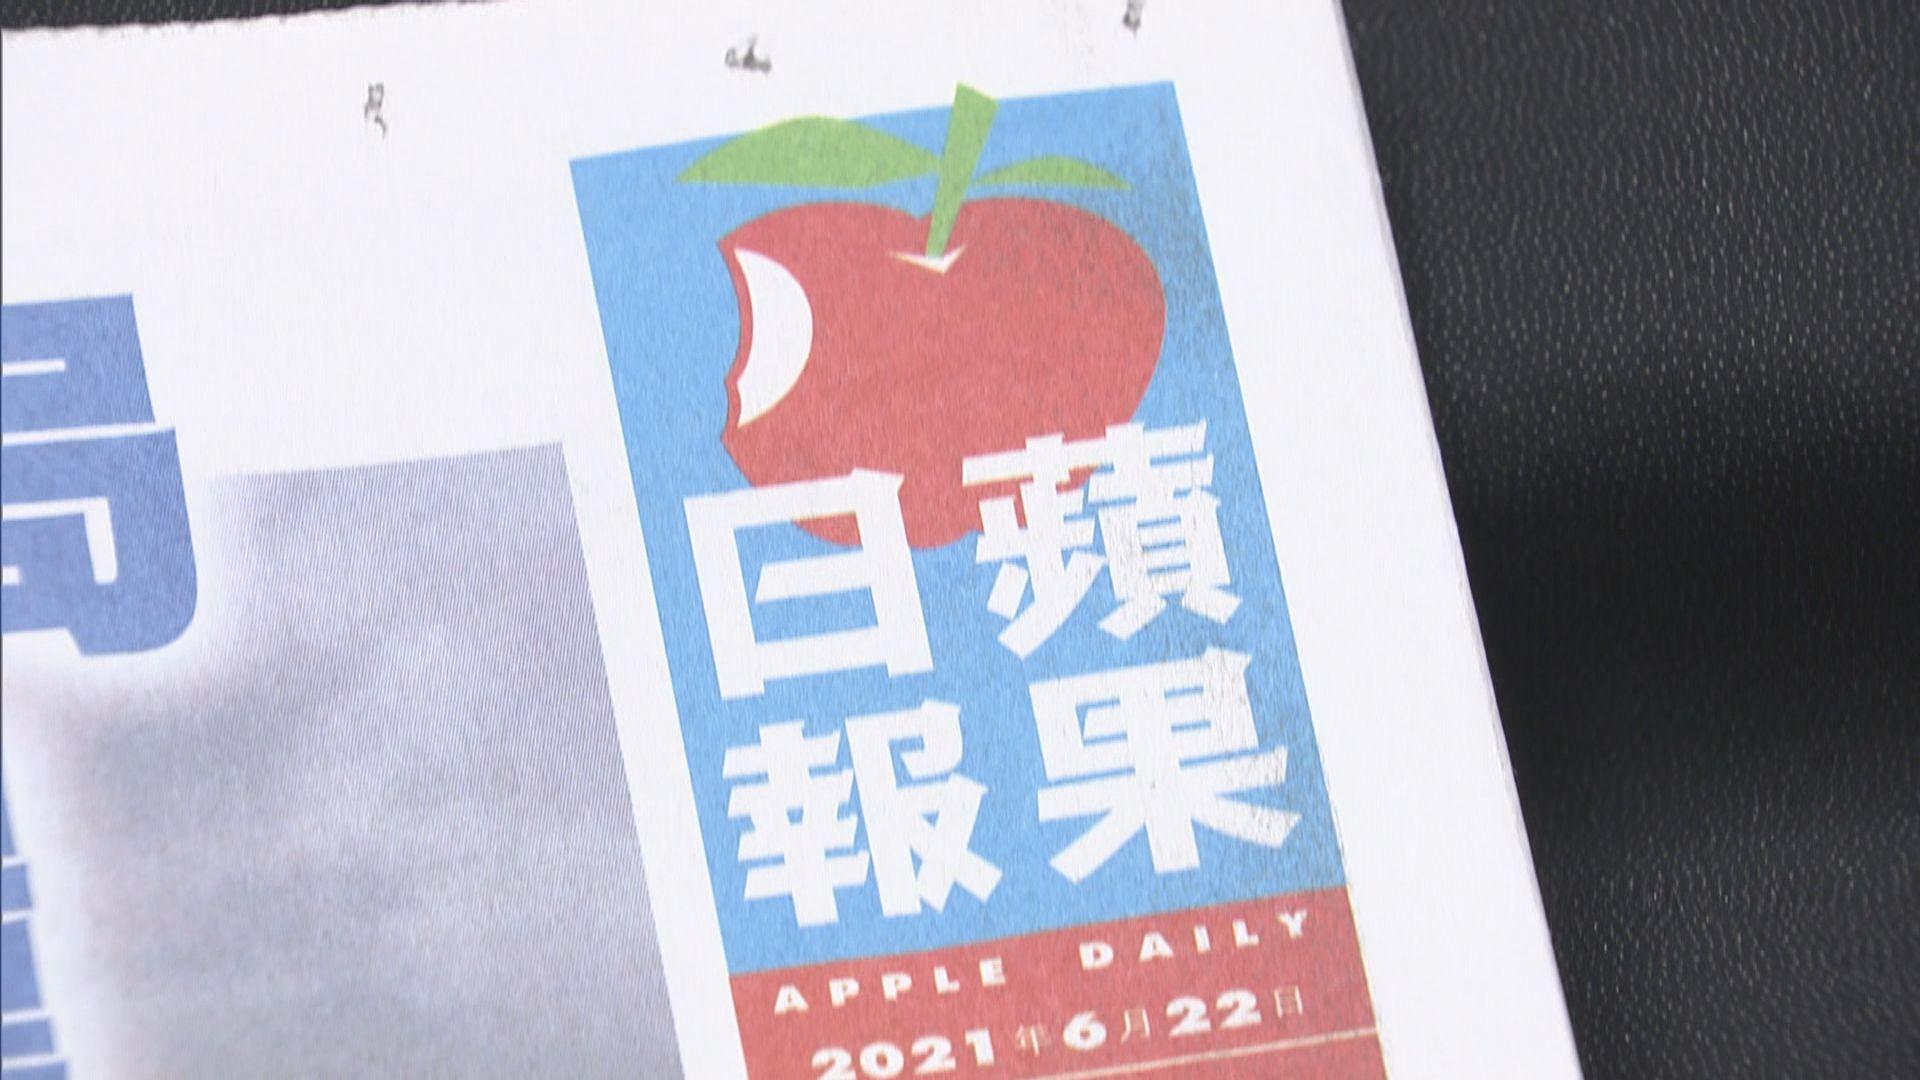 最後一份蘋果日報明日出版 消息:社論主筆「李平」涉違國安法被捕